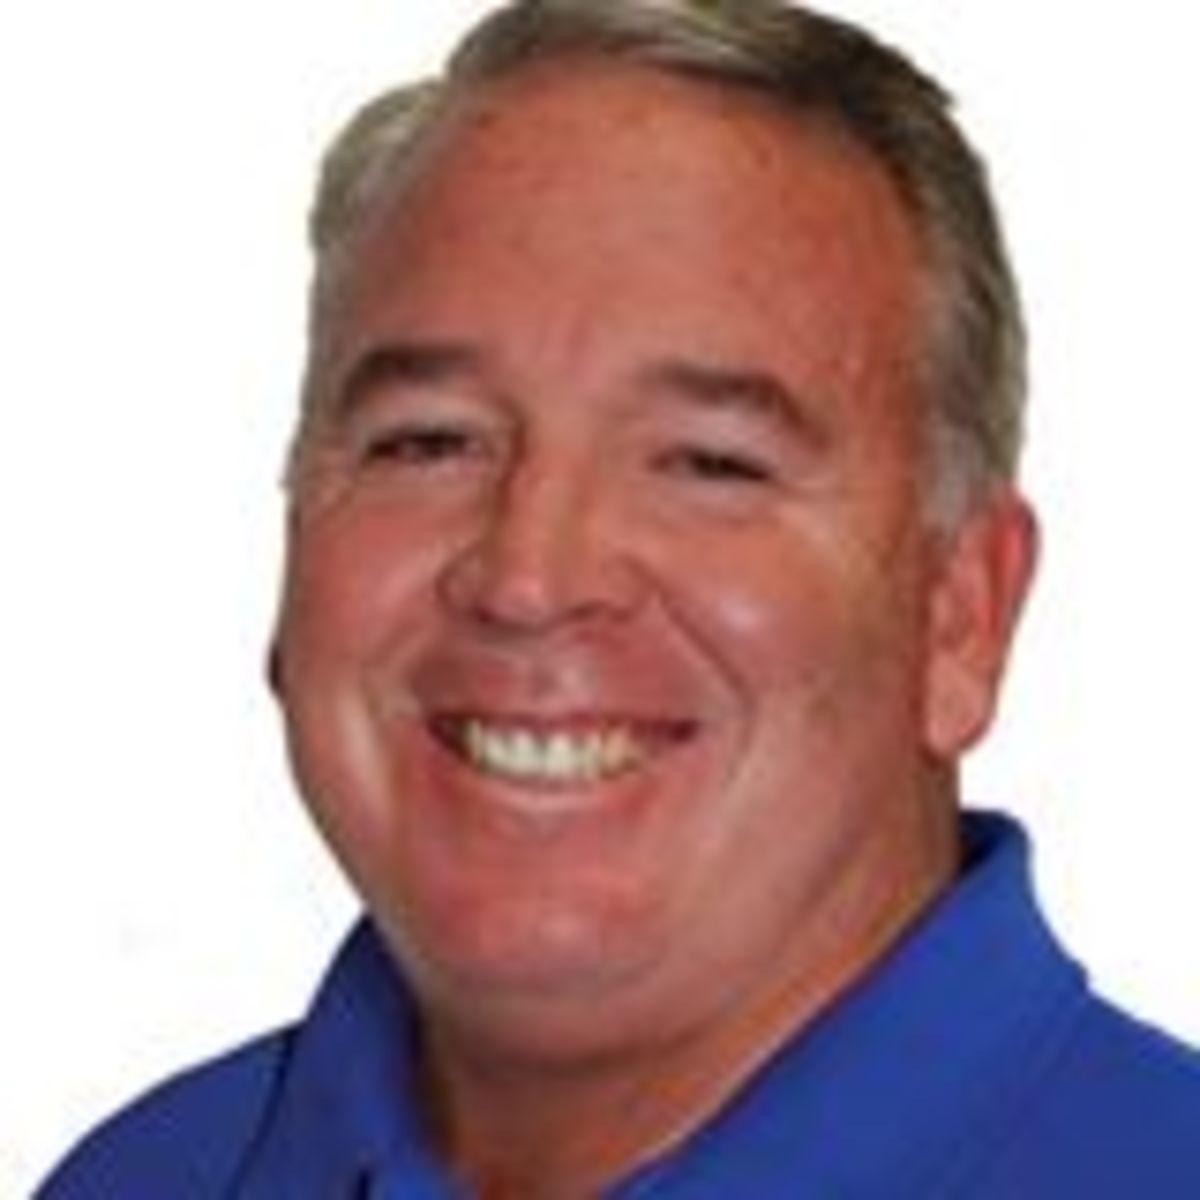 Bob Donat